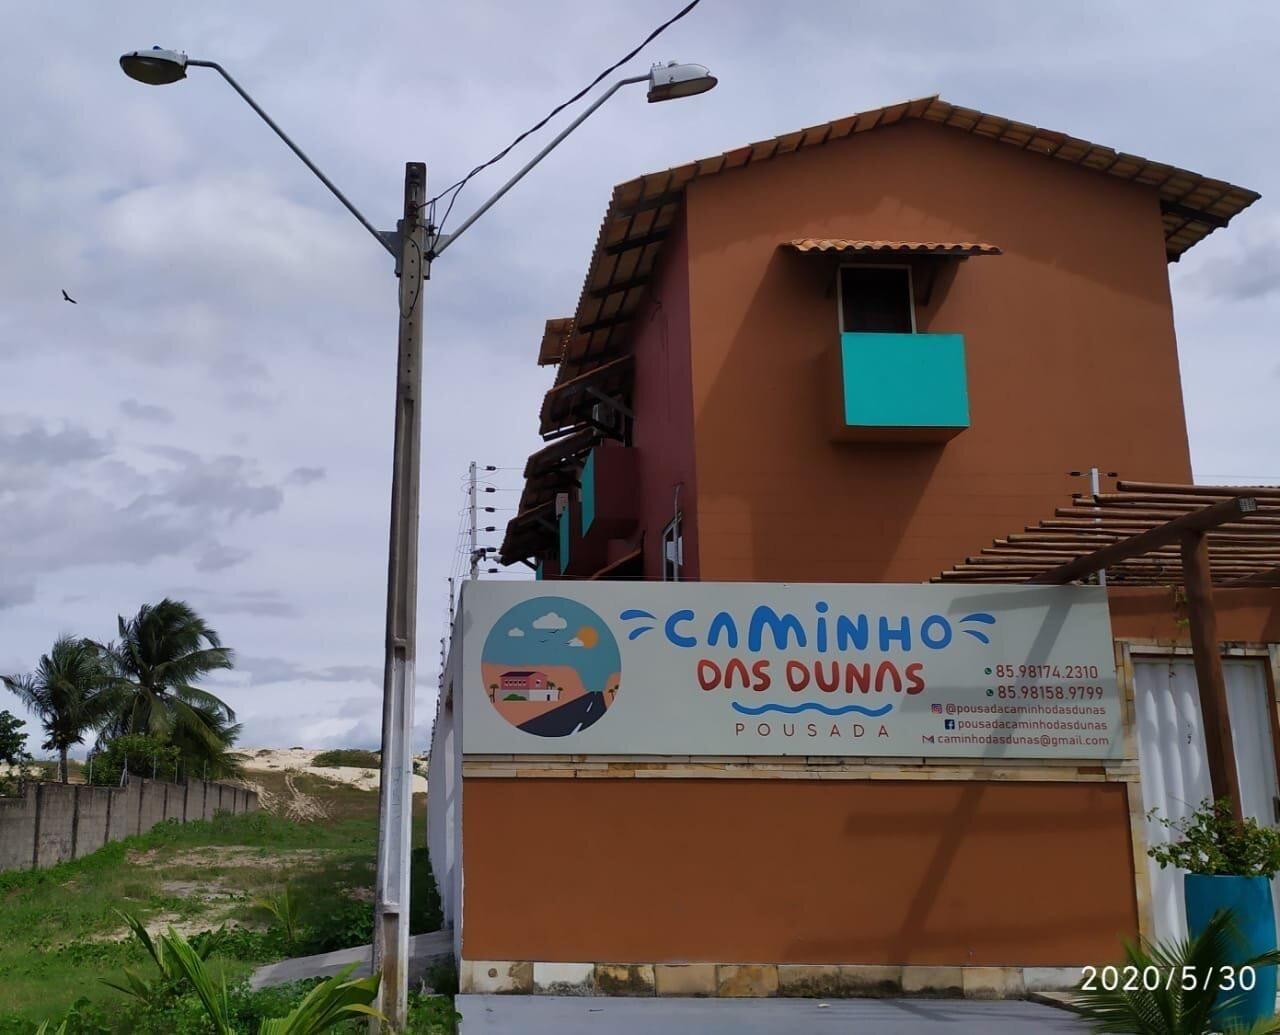 3 Diárias para 2 pessoas + Café da manhã por apenas R$1.199,90